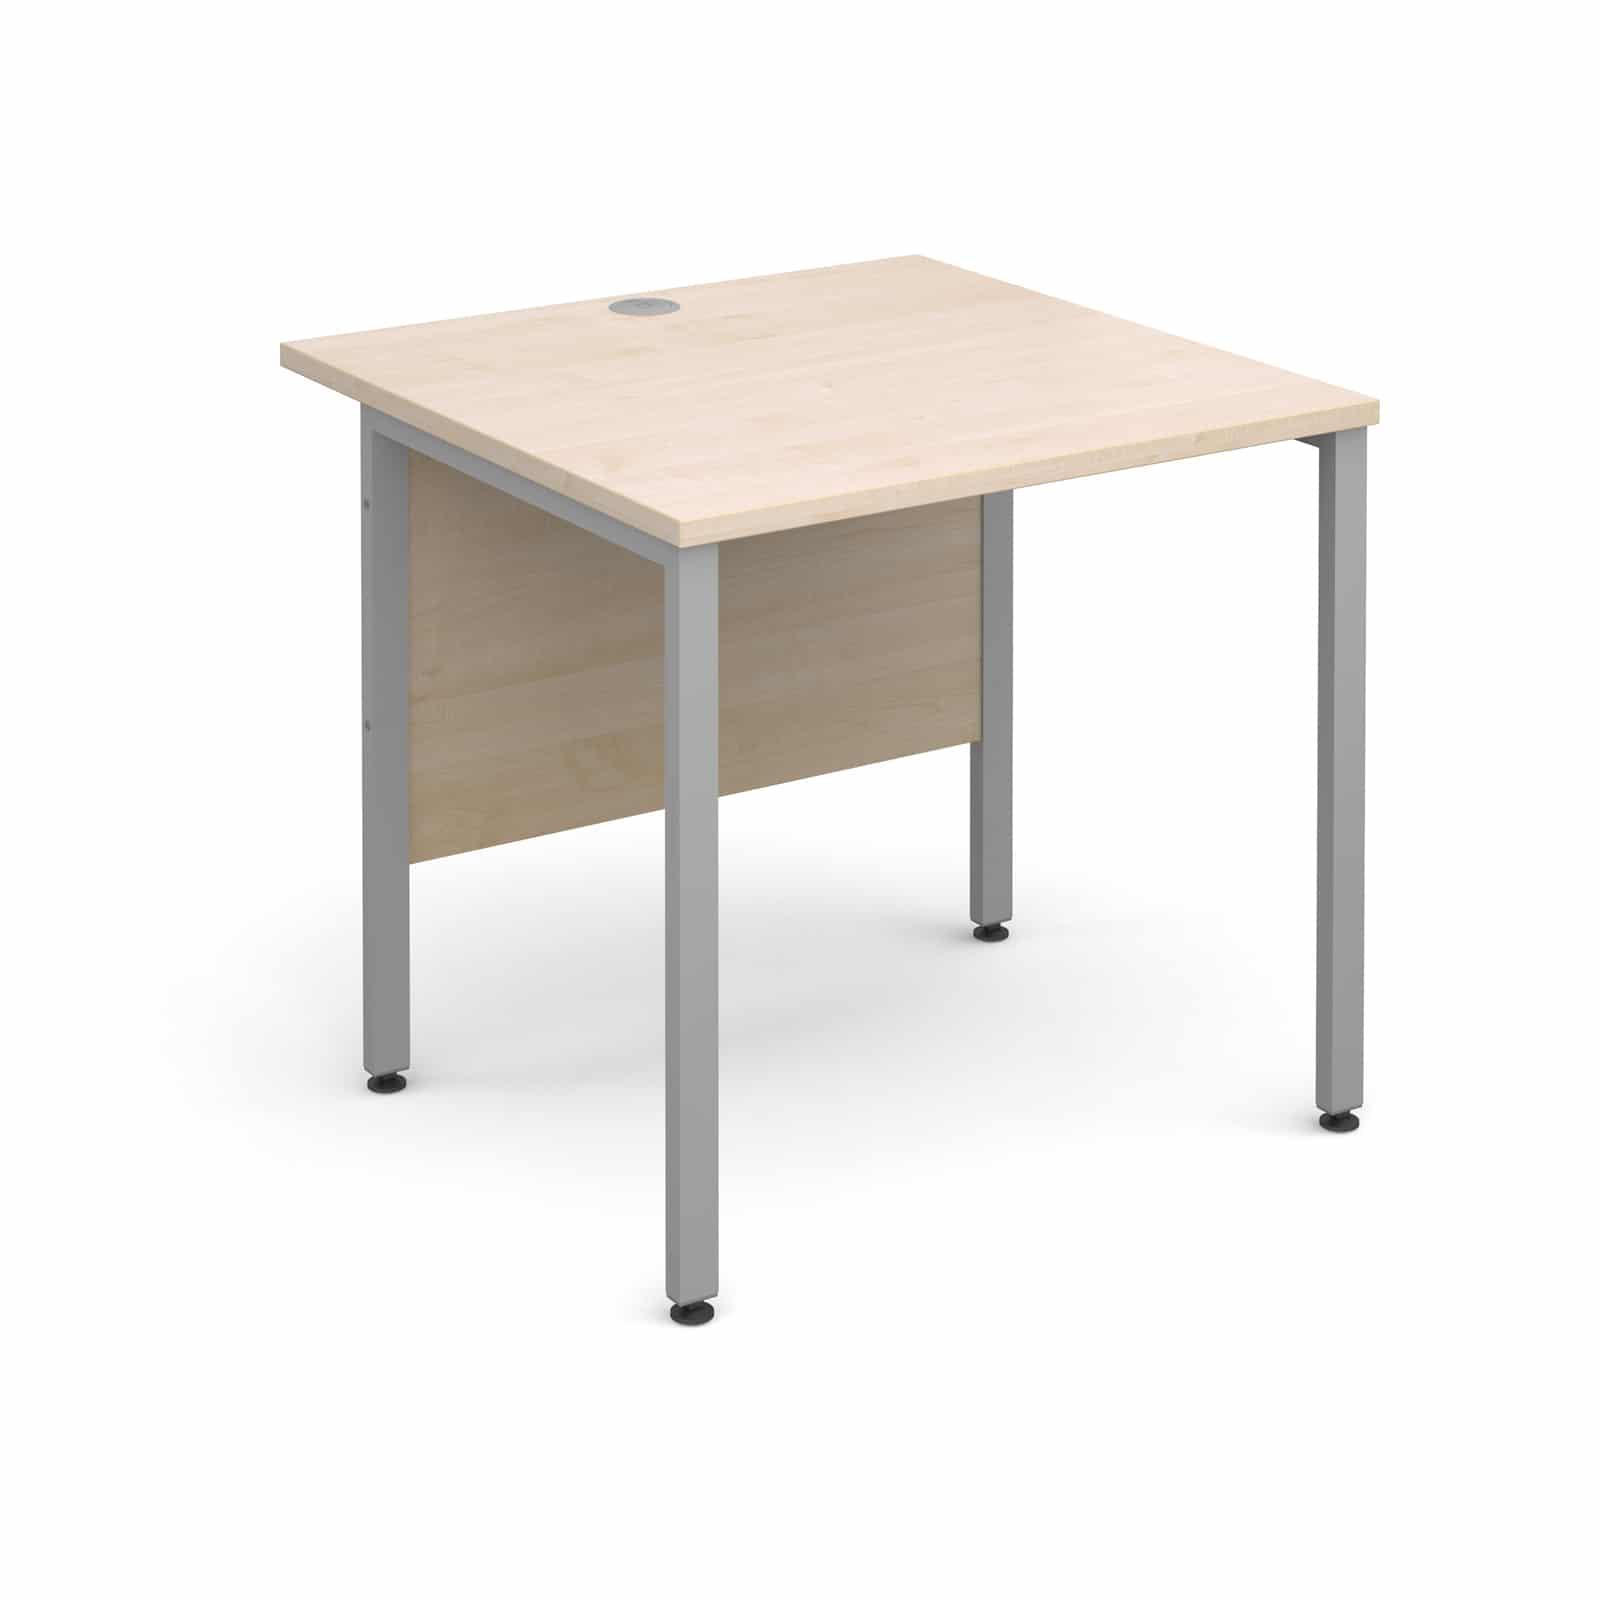 H Frame 800 X 800mm Straight Maple Office Desk